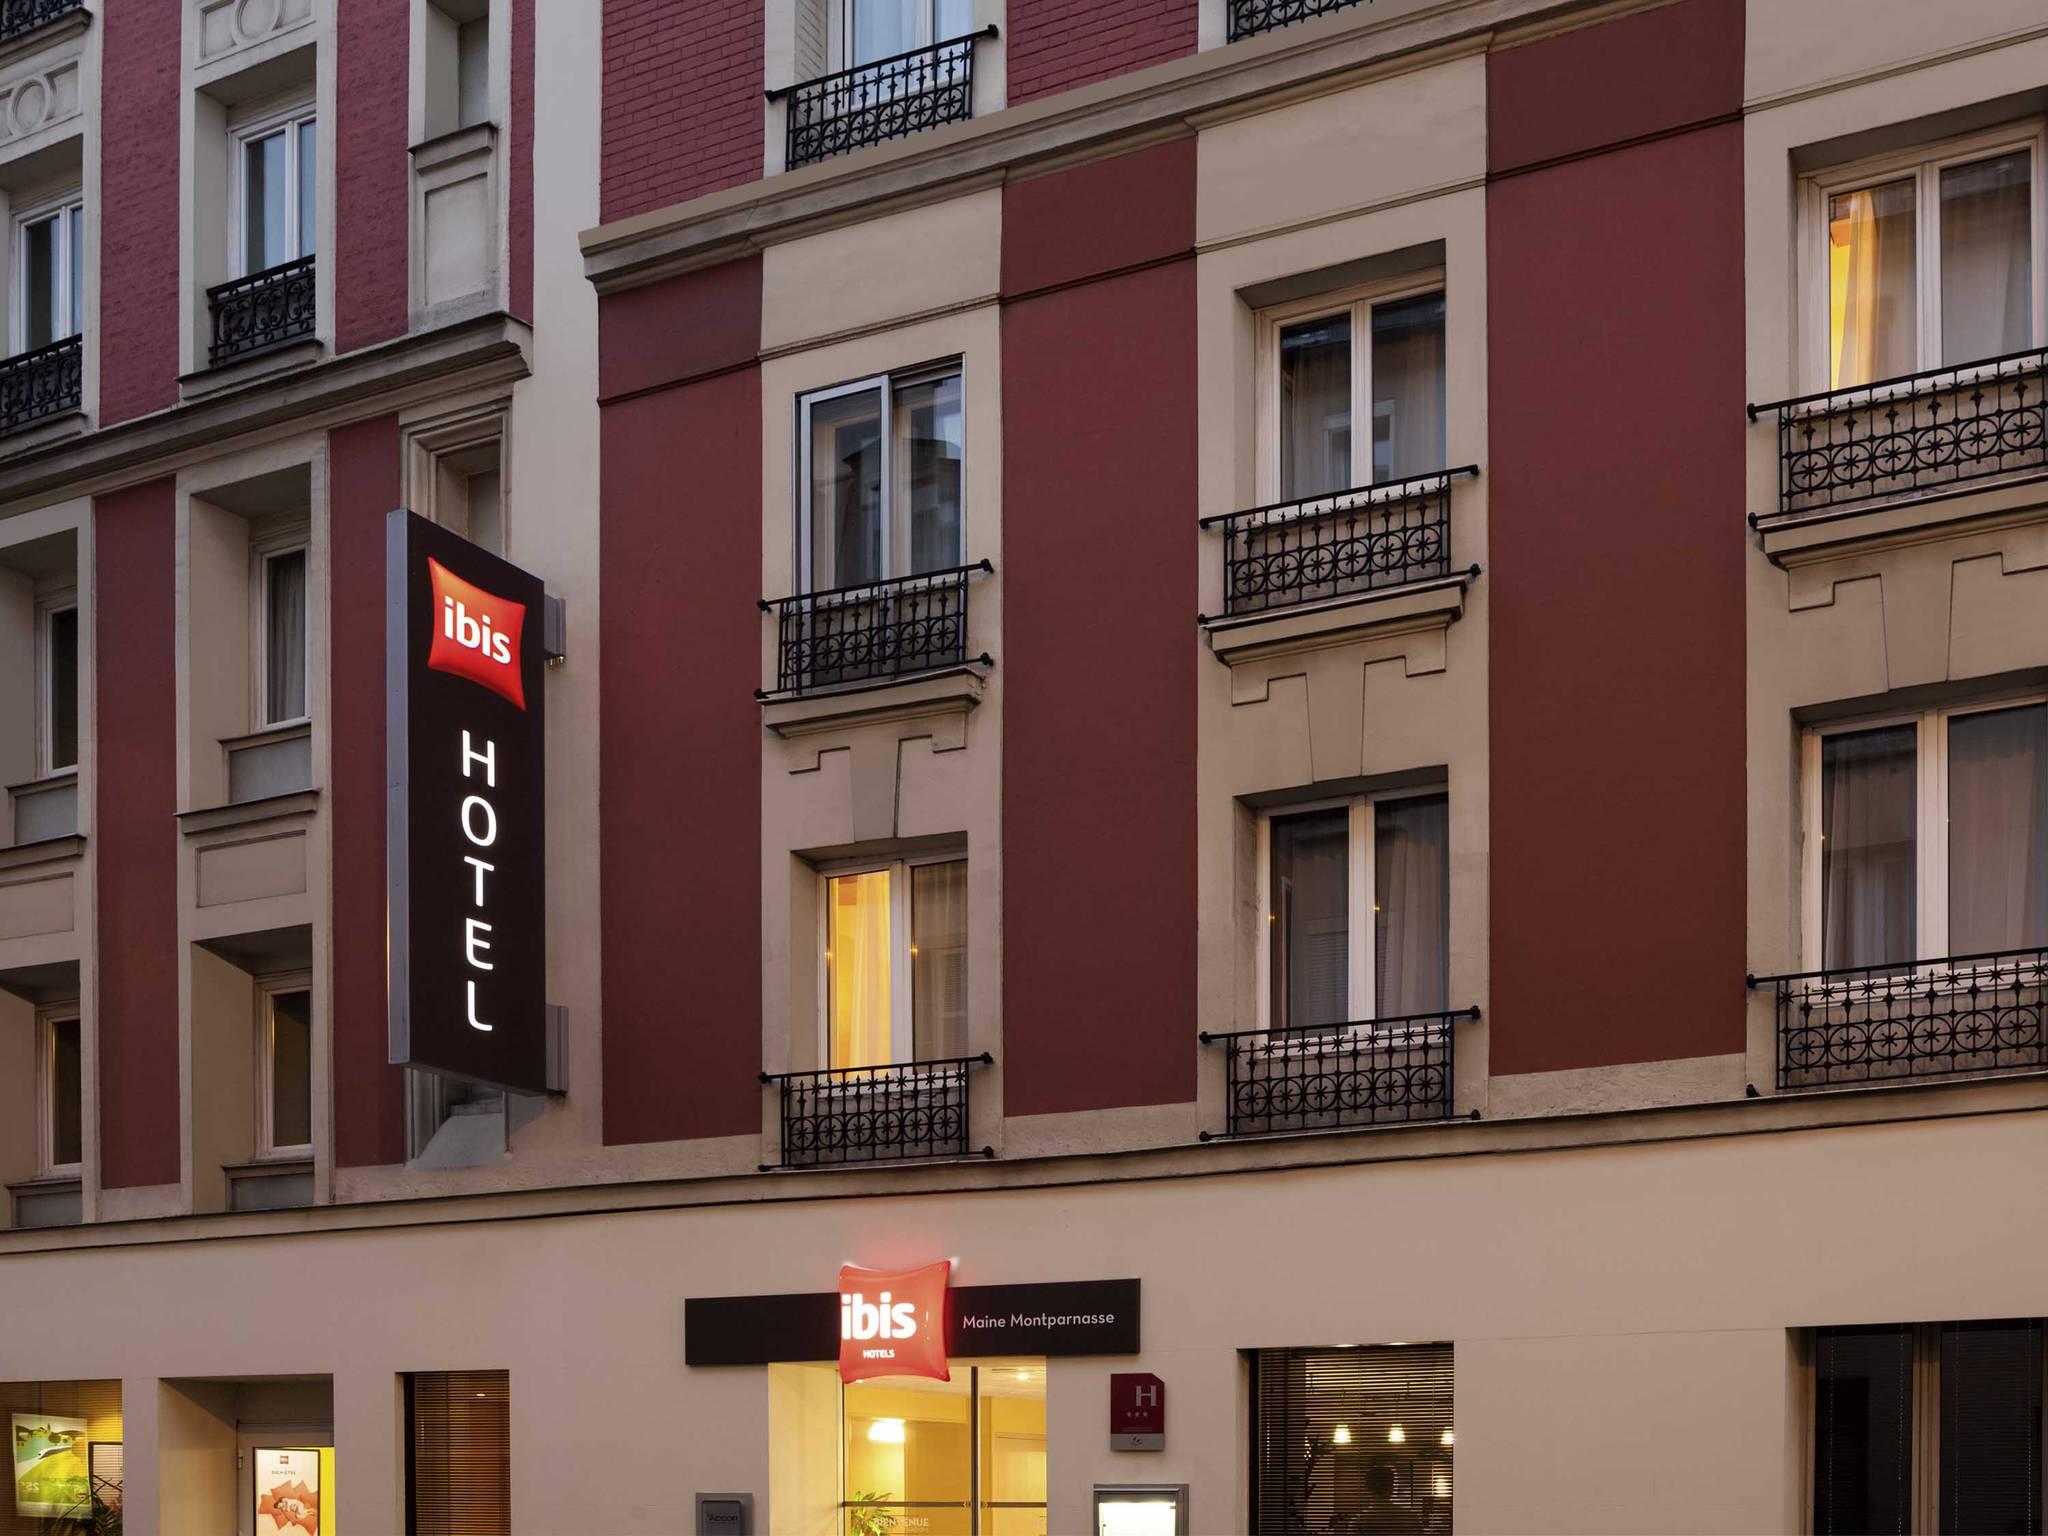 酒店 – 宜必思巴黎曼恩蒙帕纳斯 14ème 酒店